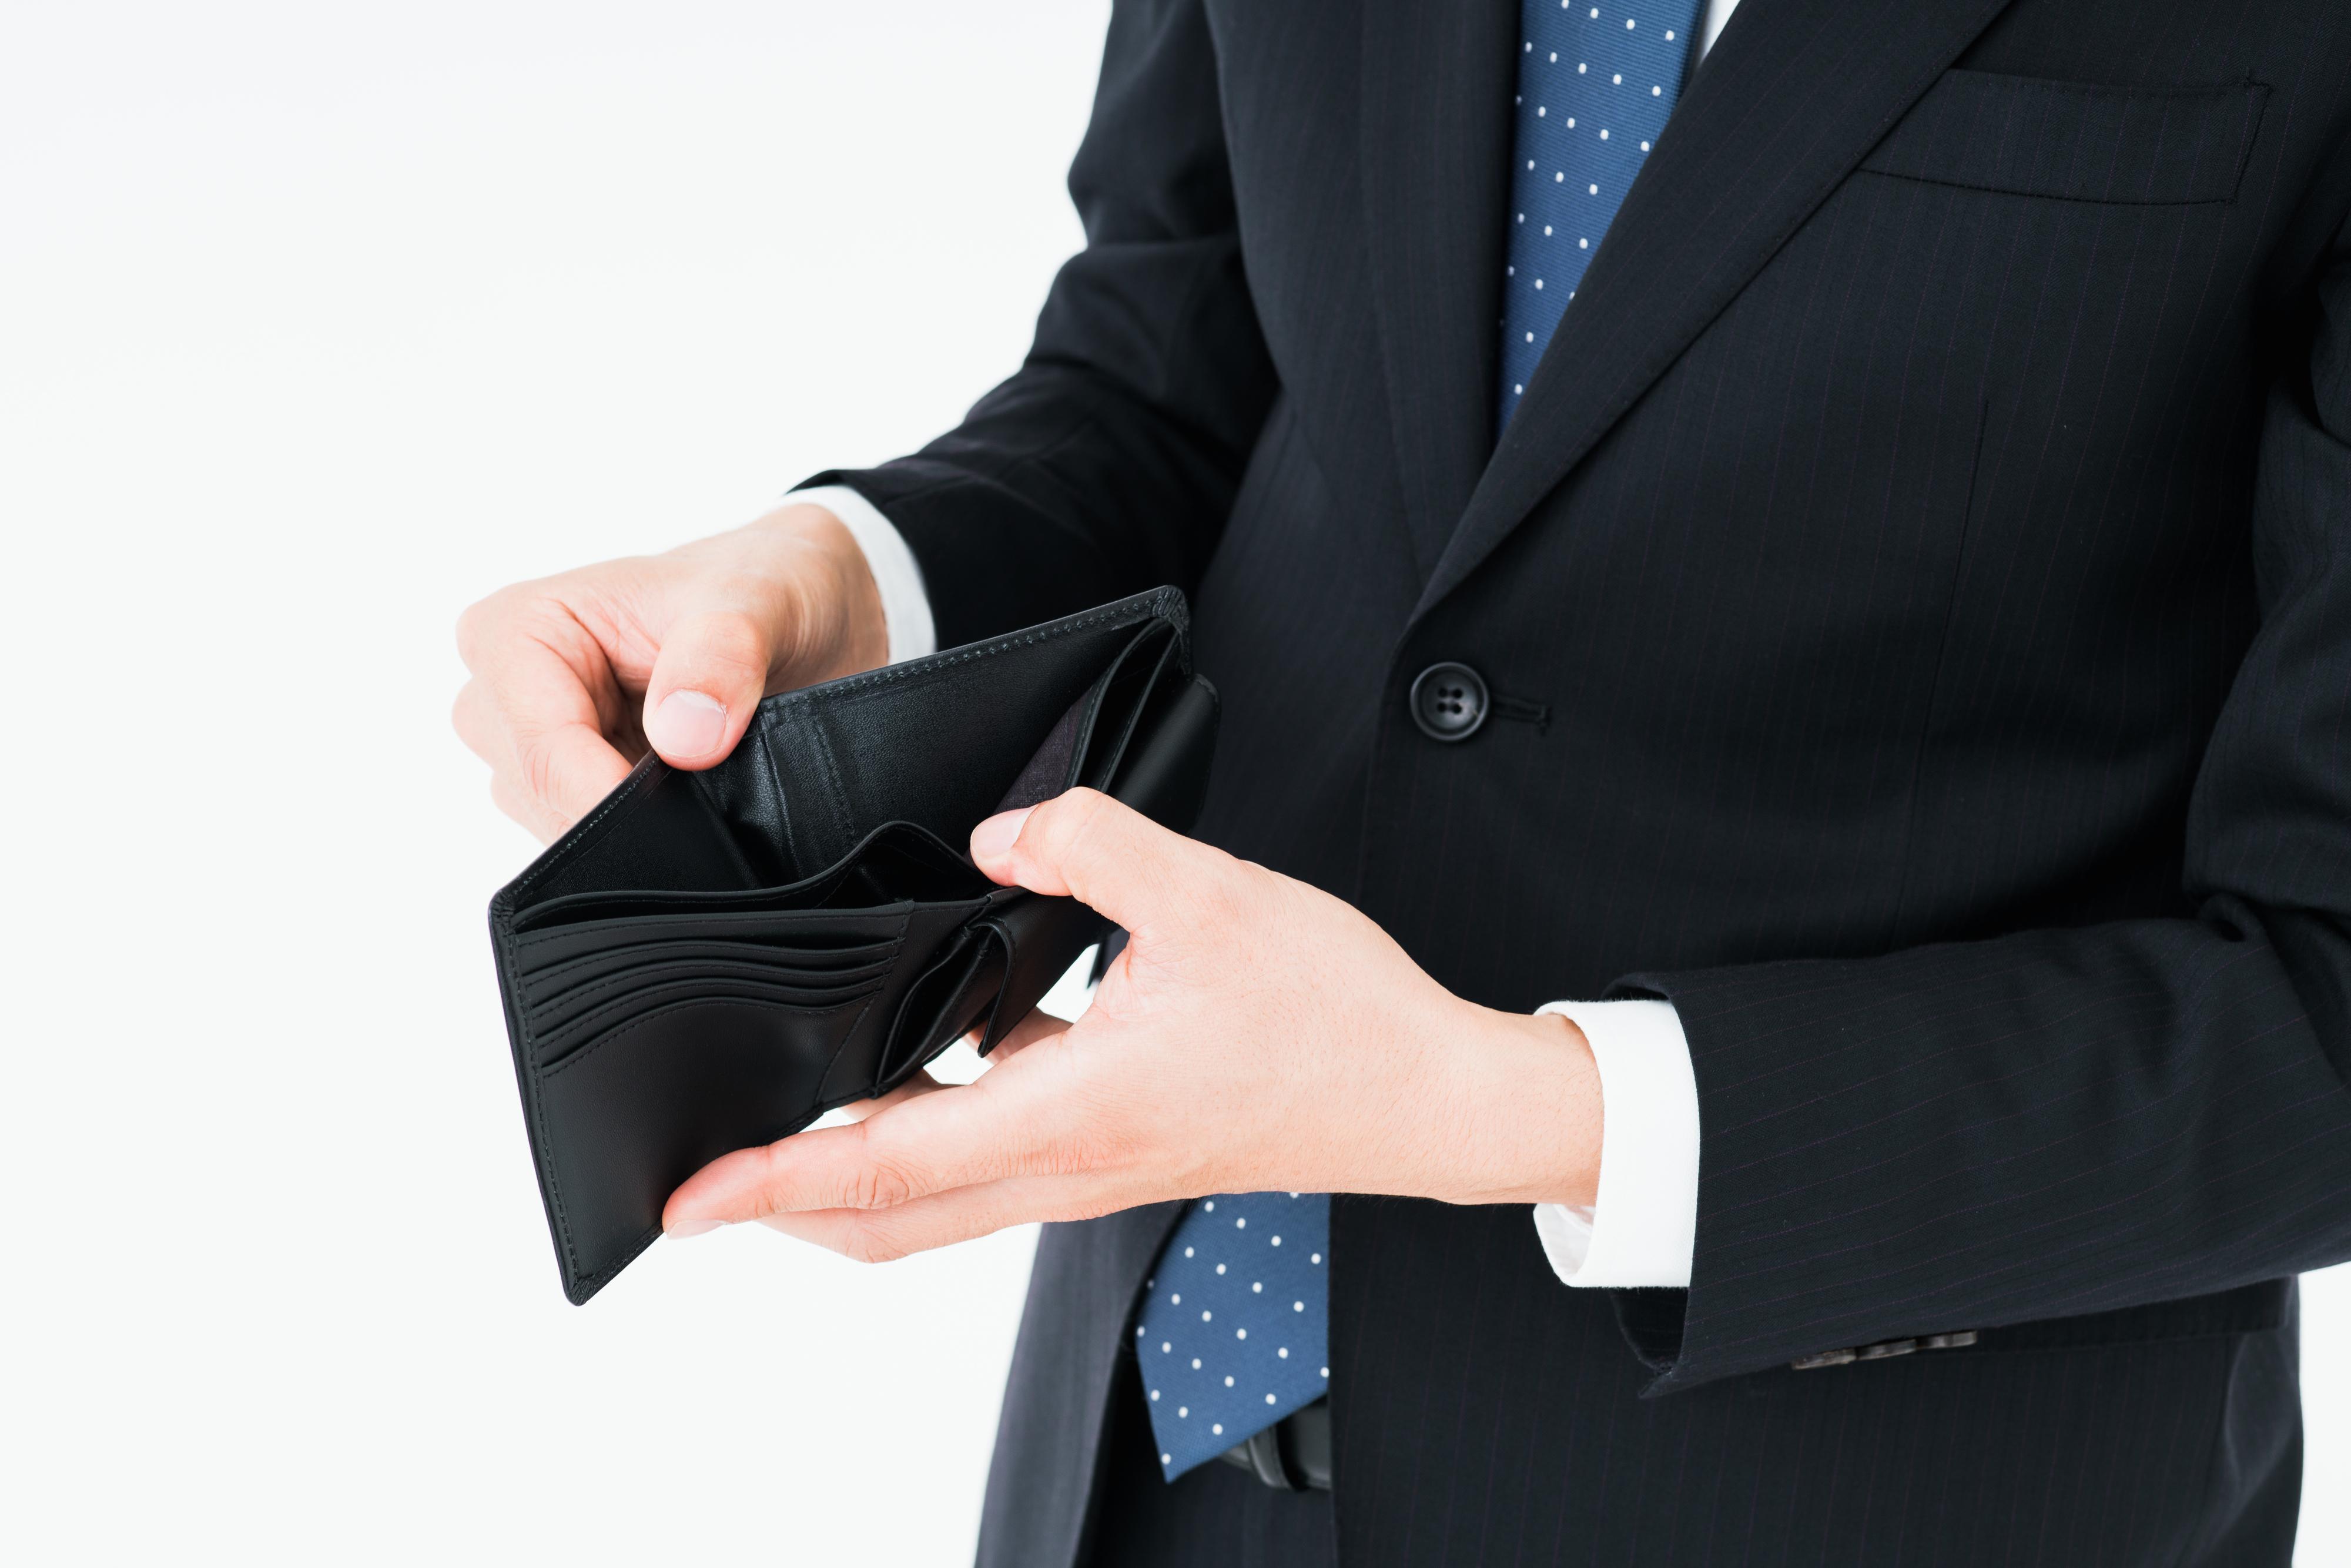 消費者金融の仕組み、消費者金融カードローンの正しい使い方